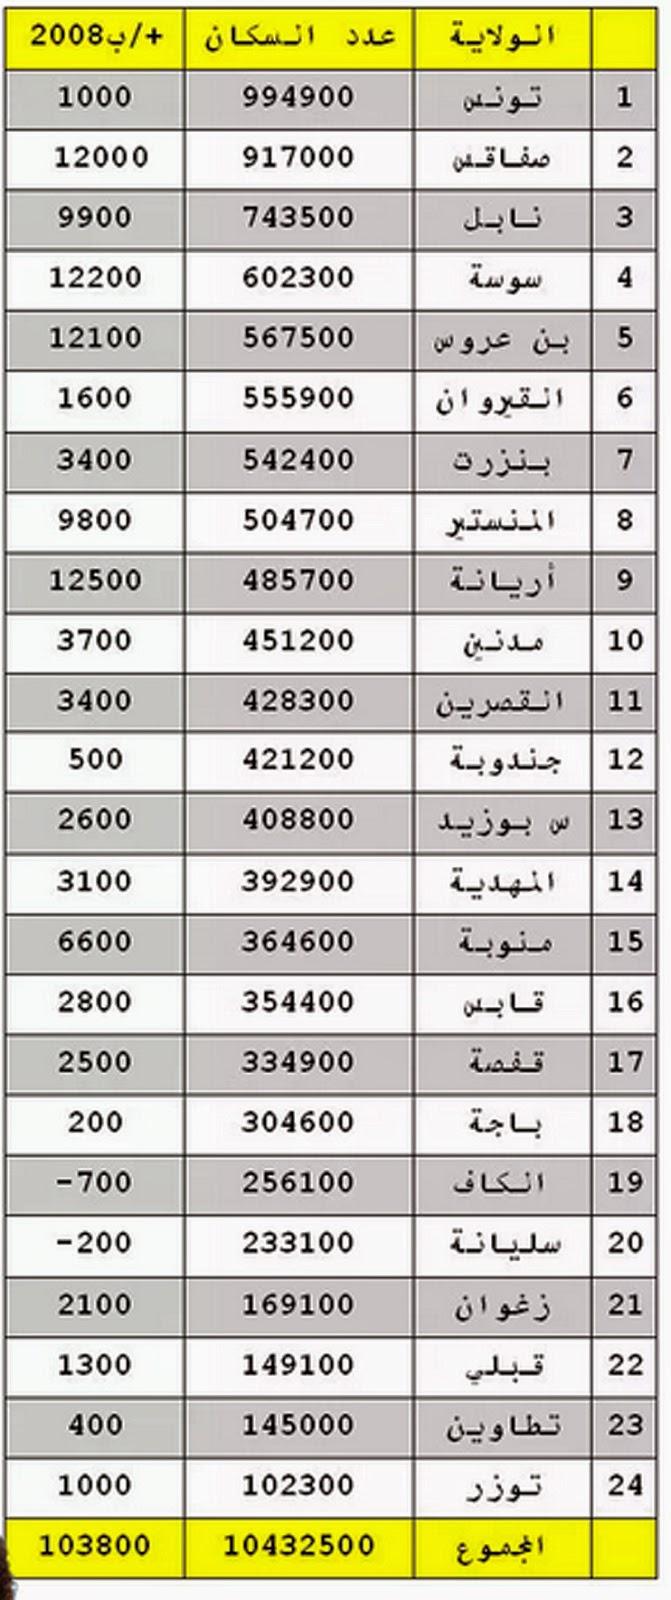 التعداد السكاني في تونس 2014